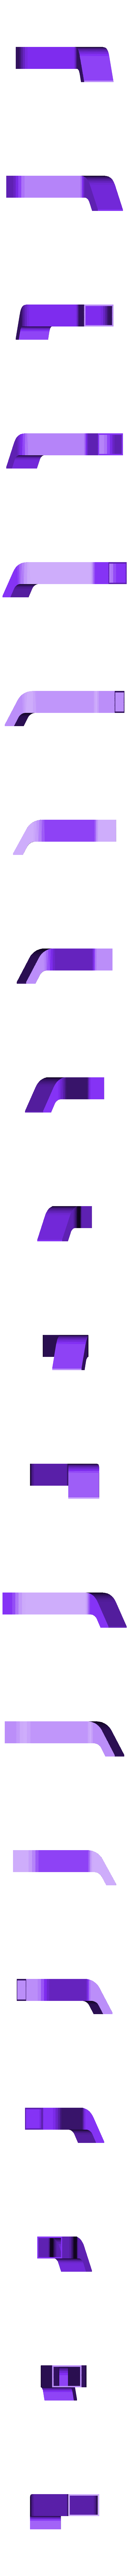 duct.stl Télécharger fichier STL gratuit E3DV6 chariot bowden de Tech2C double ventilateur radial • Objet imprimable en 3D, Sebtheis